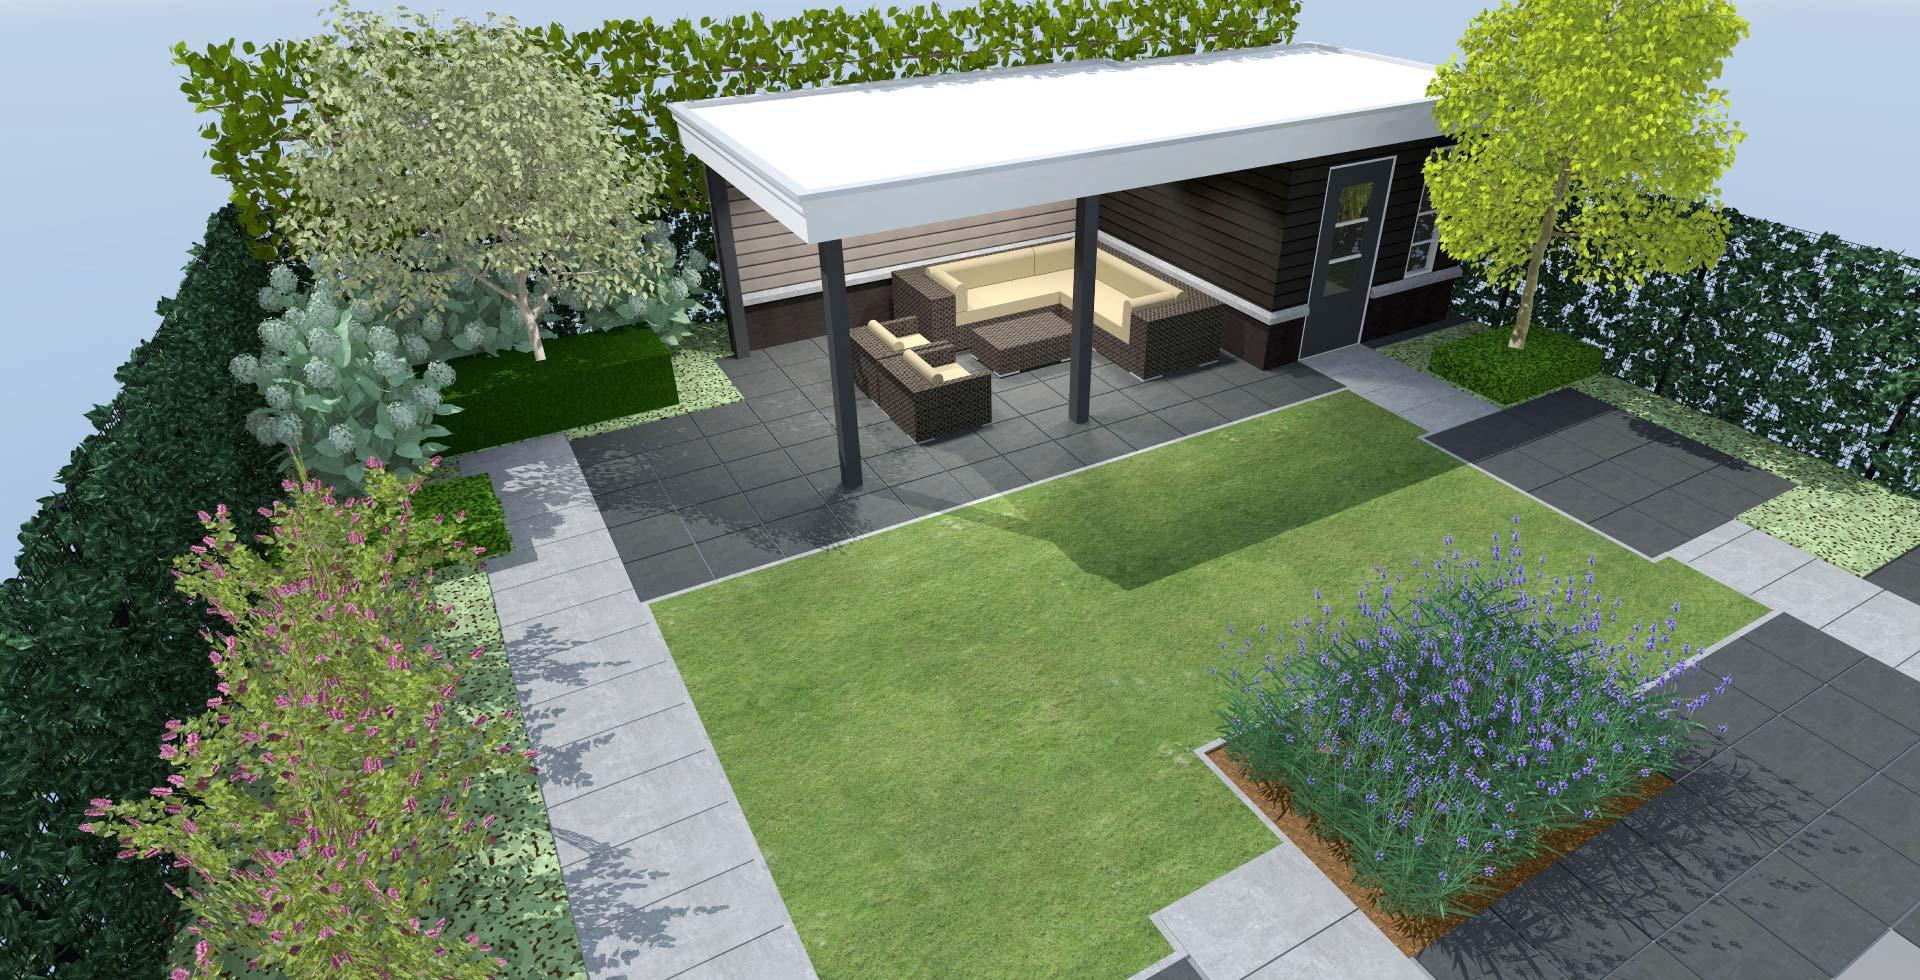 Hoveniersbedrijf bram bovenmars tuinen tuinontwerp for 3d tuin ontwerpen